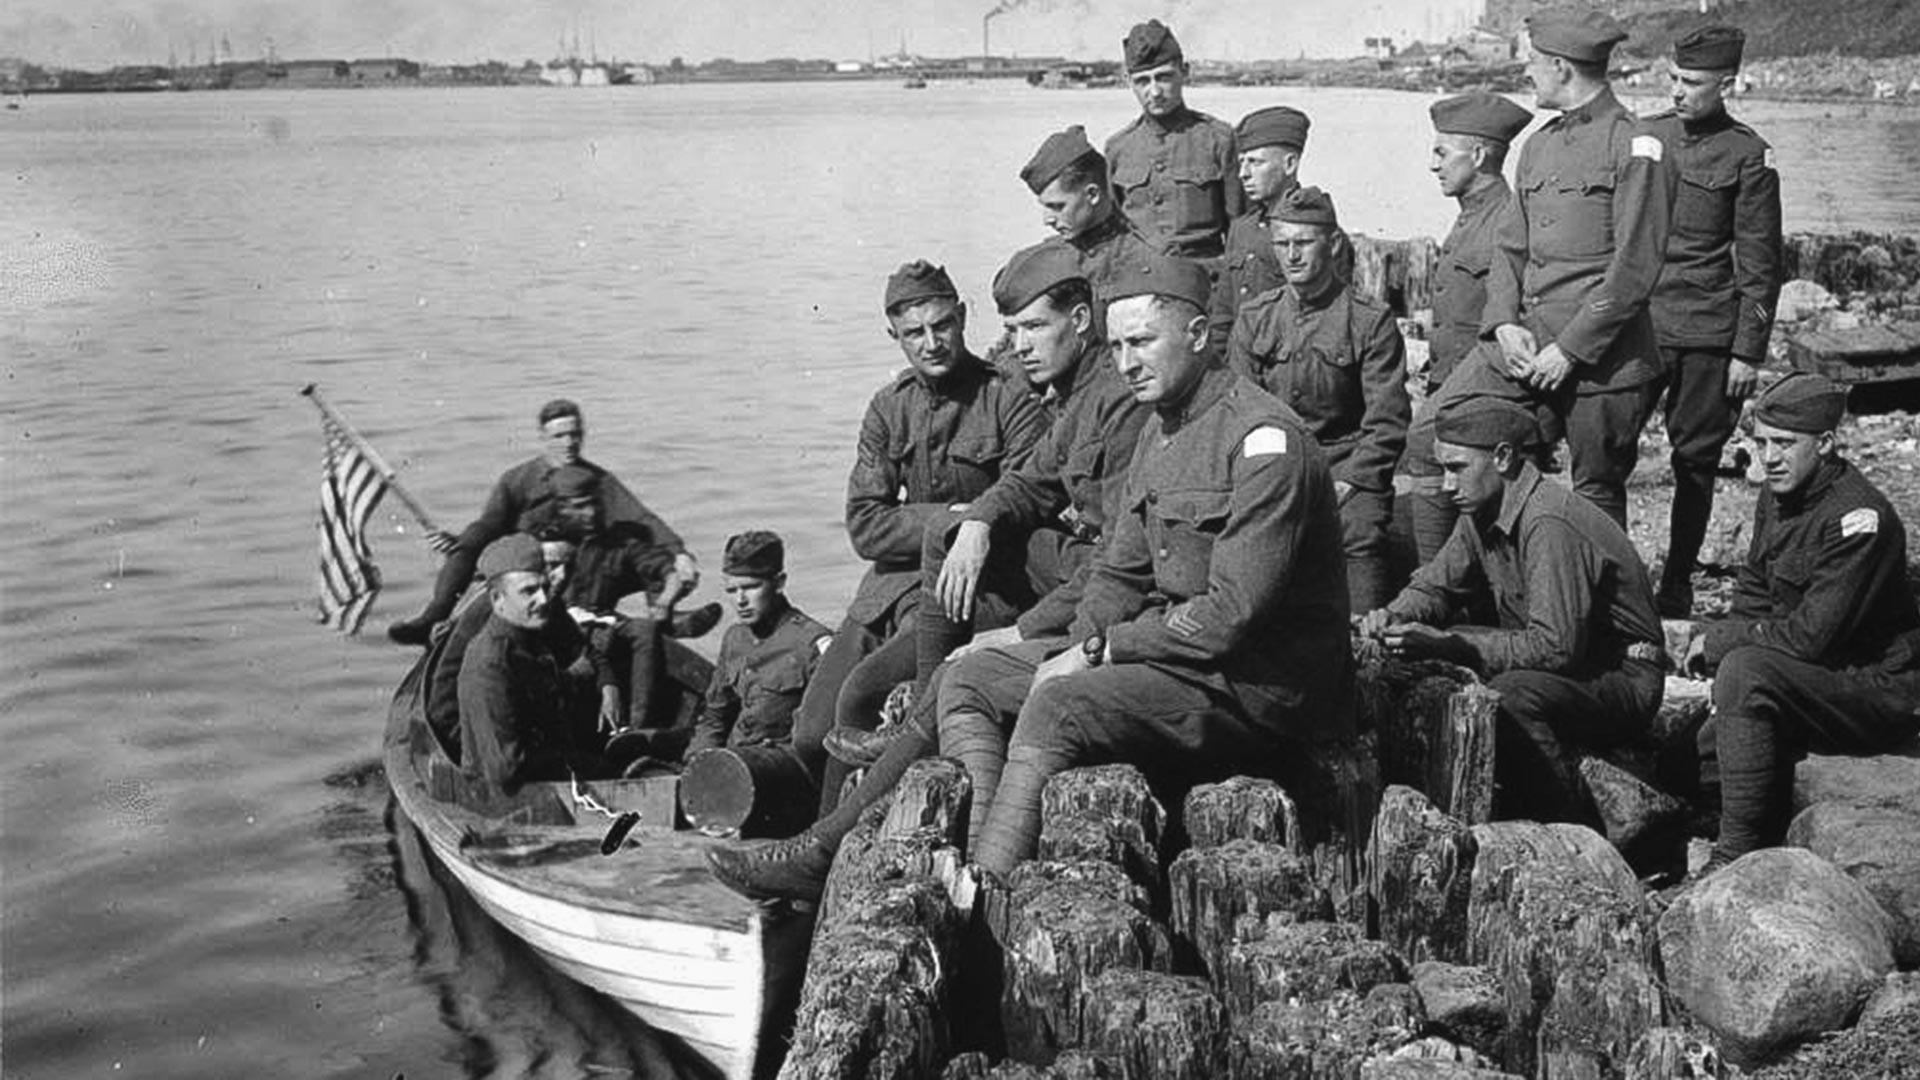 Des soldats américains attendent le bateau qui les reconduira aux pays, en été 1919.